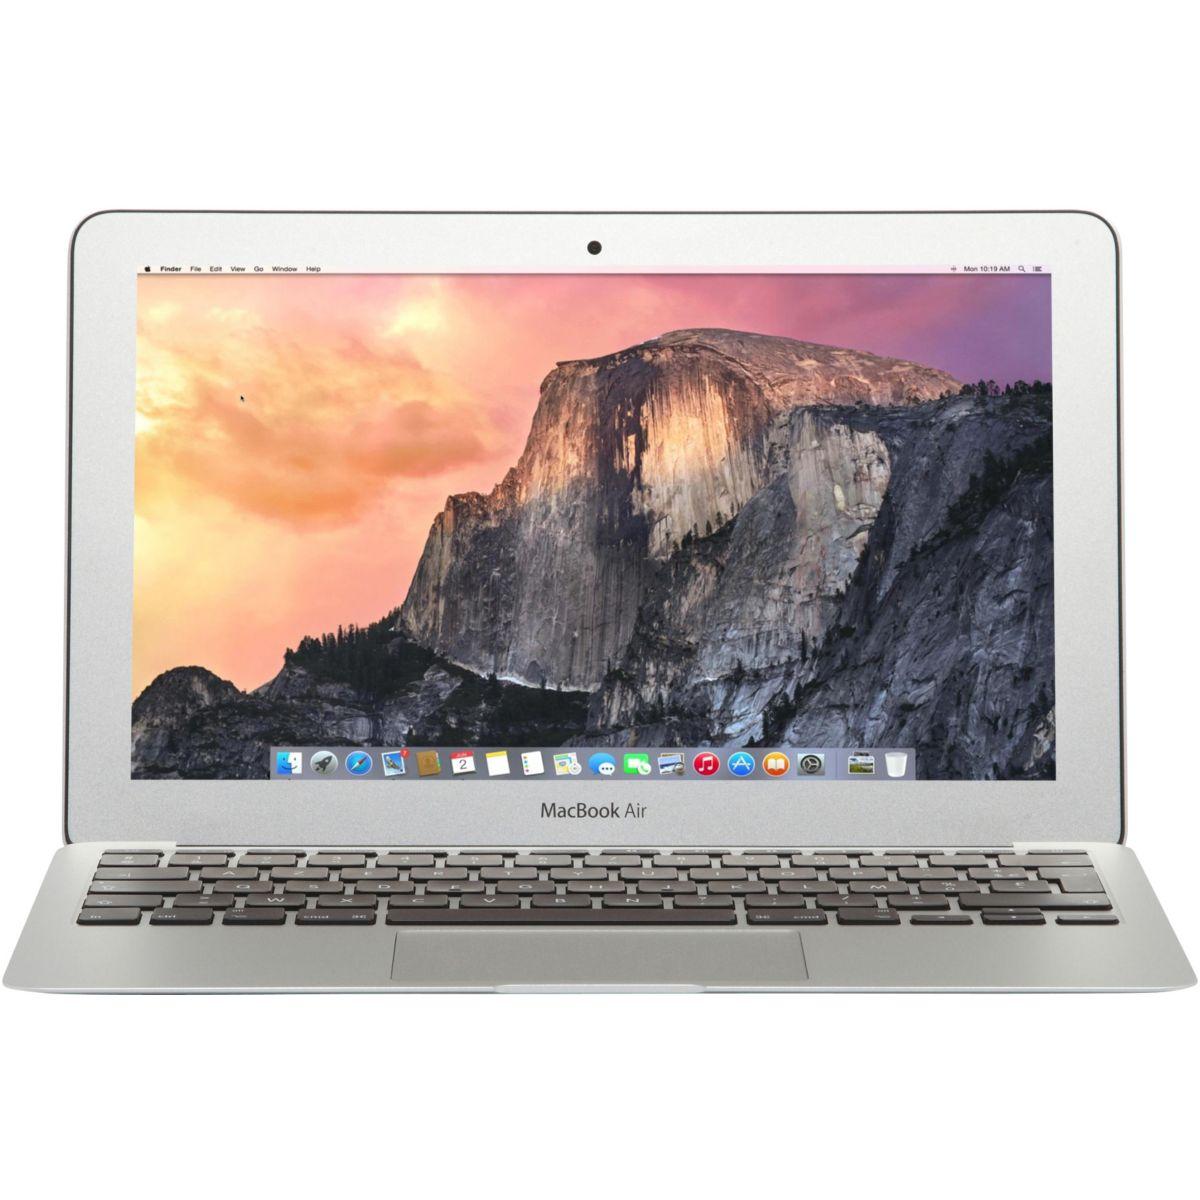 APPLE Macbook Air 11.6 1.6GHz 4Go 256Go (photo)